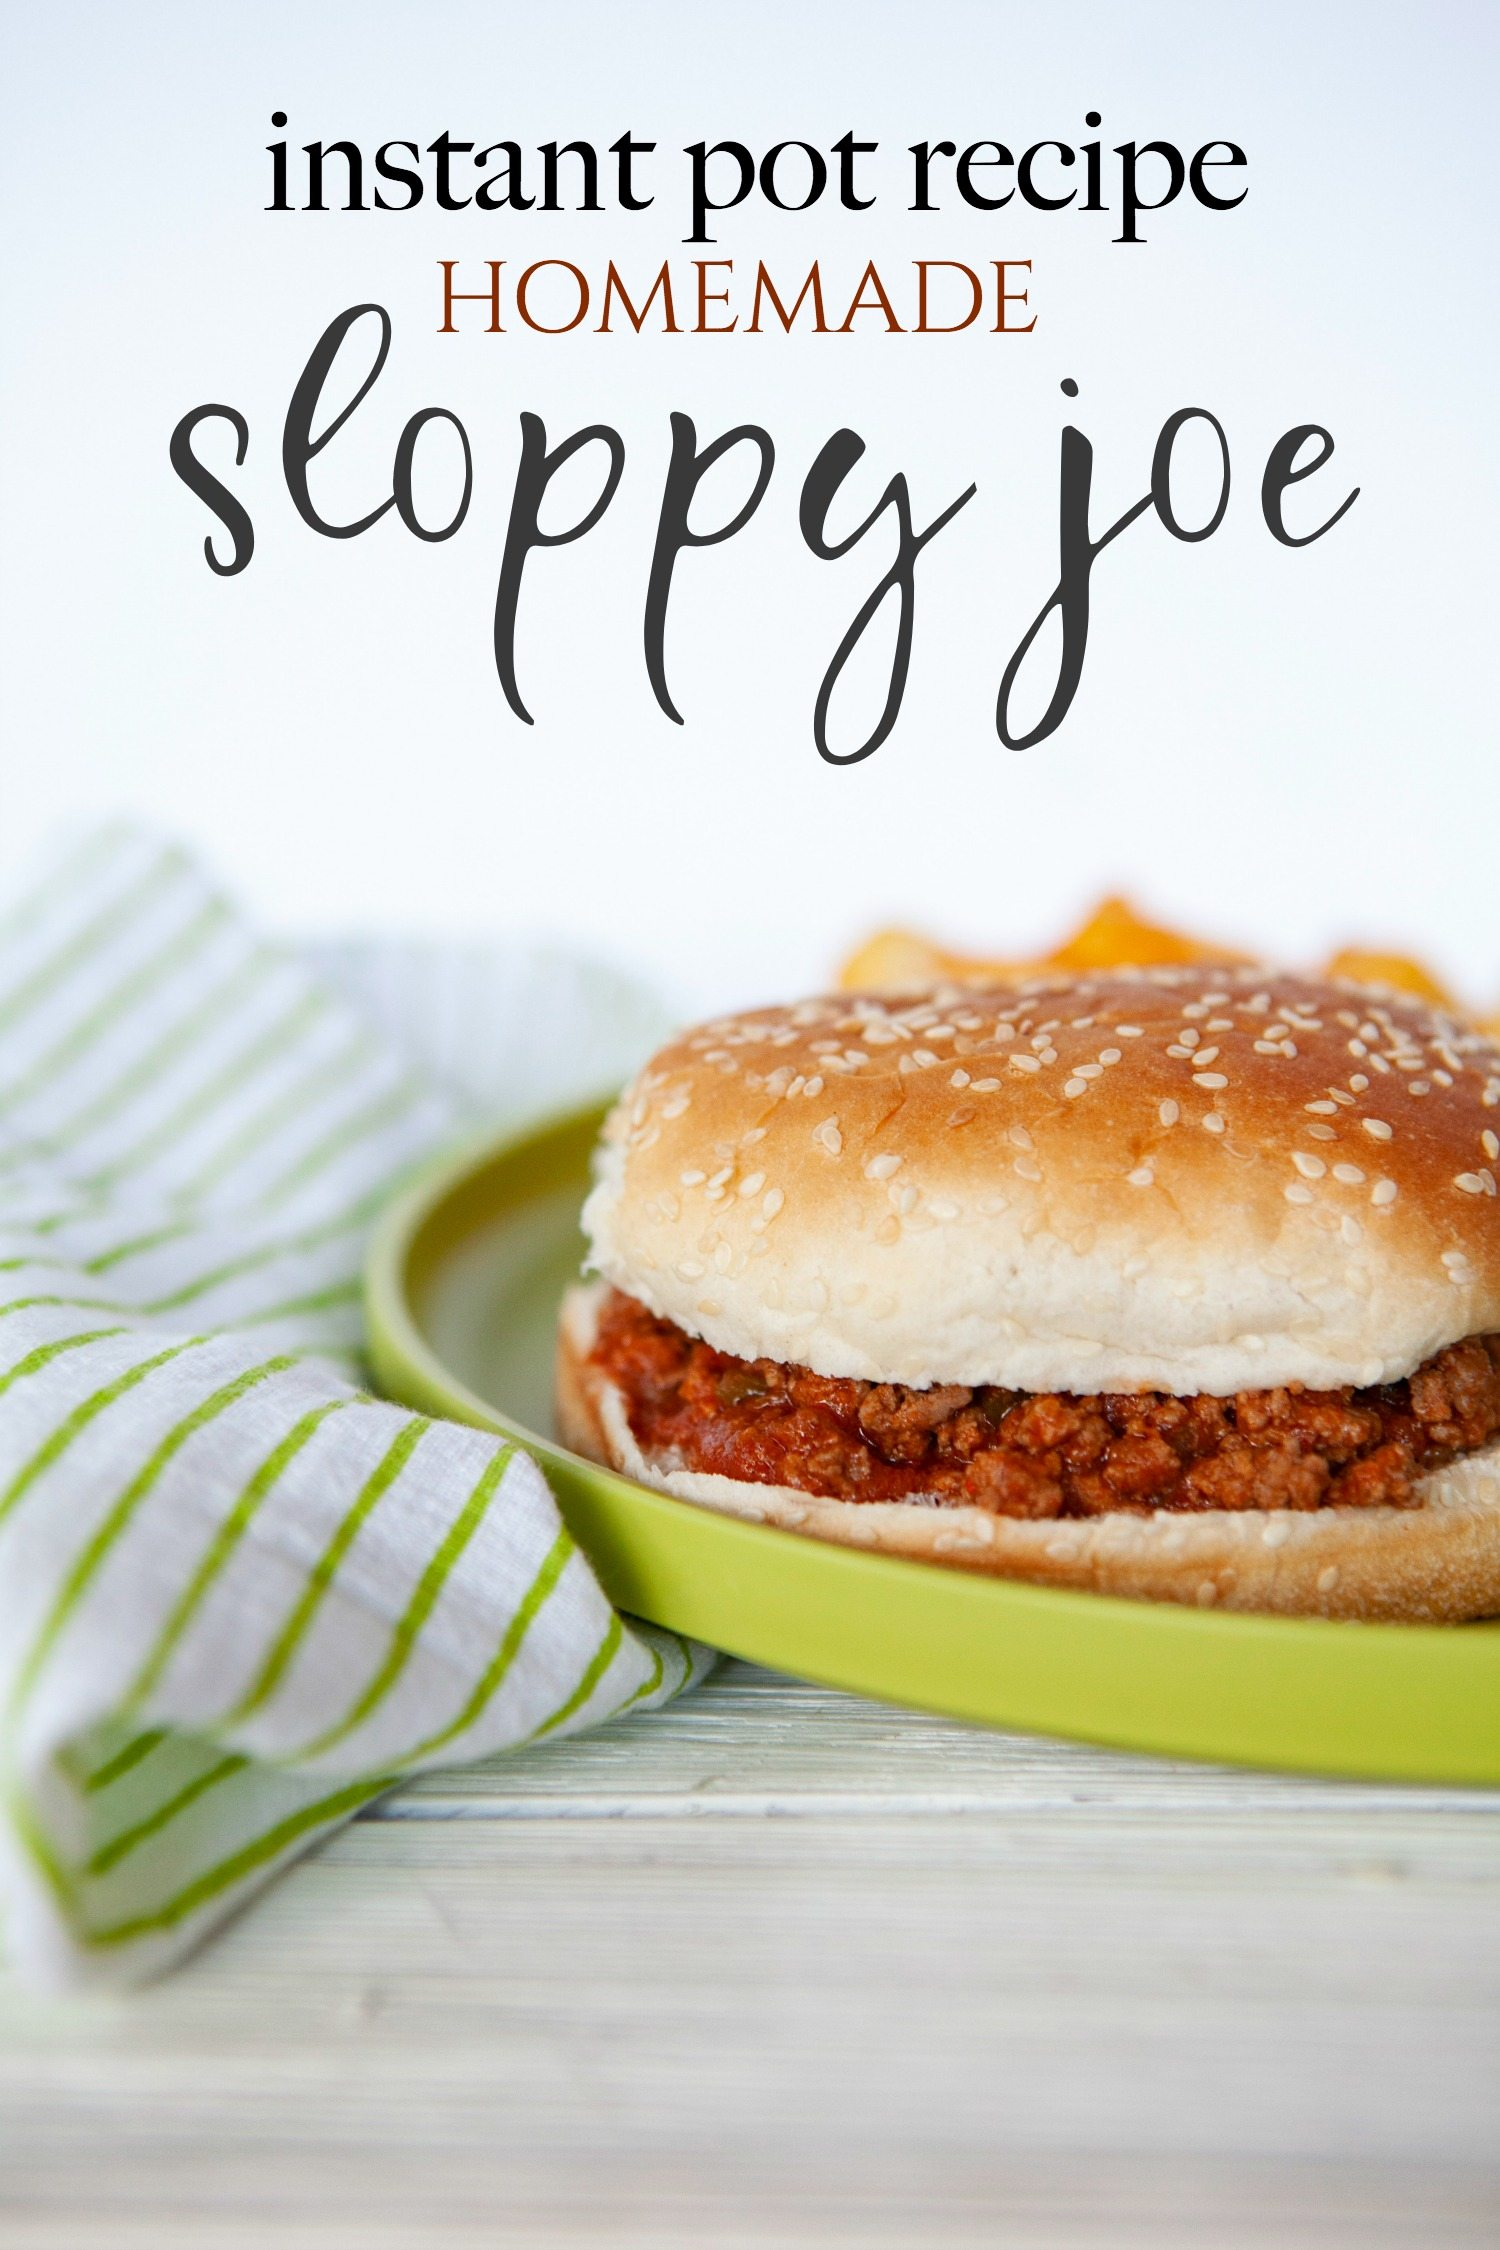 homemade sloppy joes recipe for Instant Pot